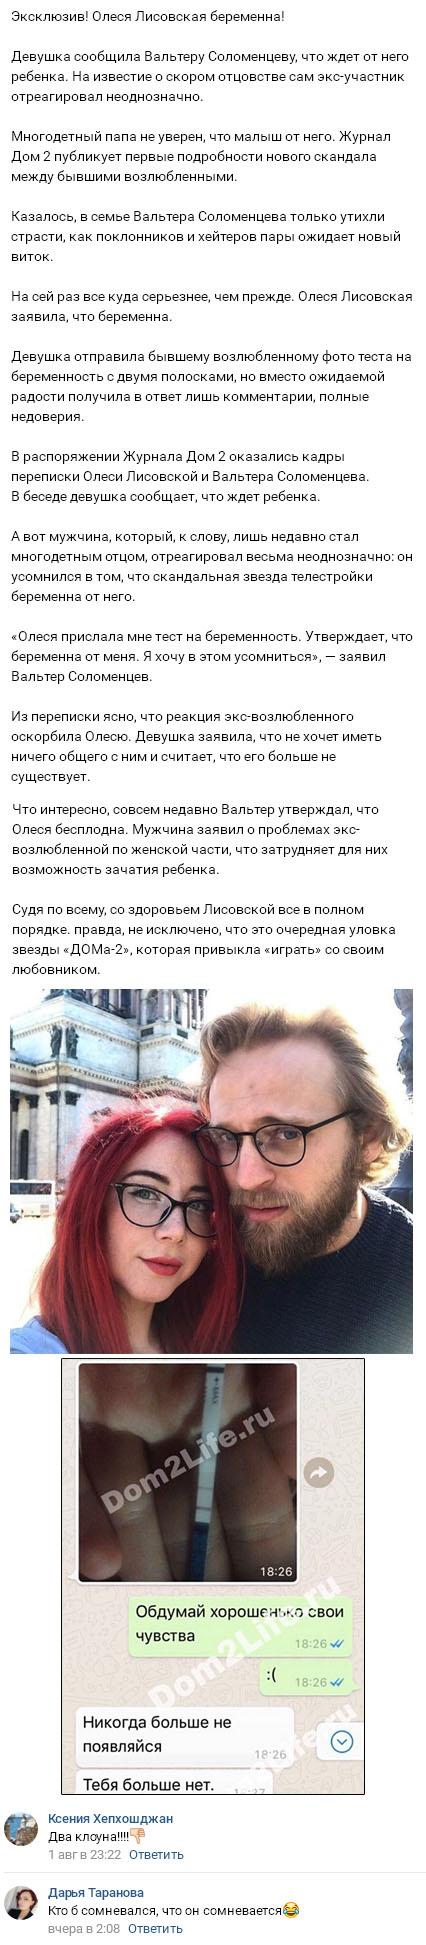 Олеся Лисовская забеременела от Вальтера Соломенцева